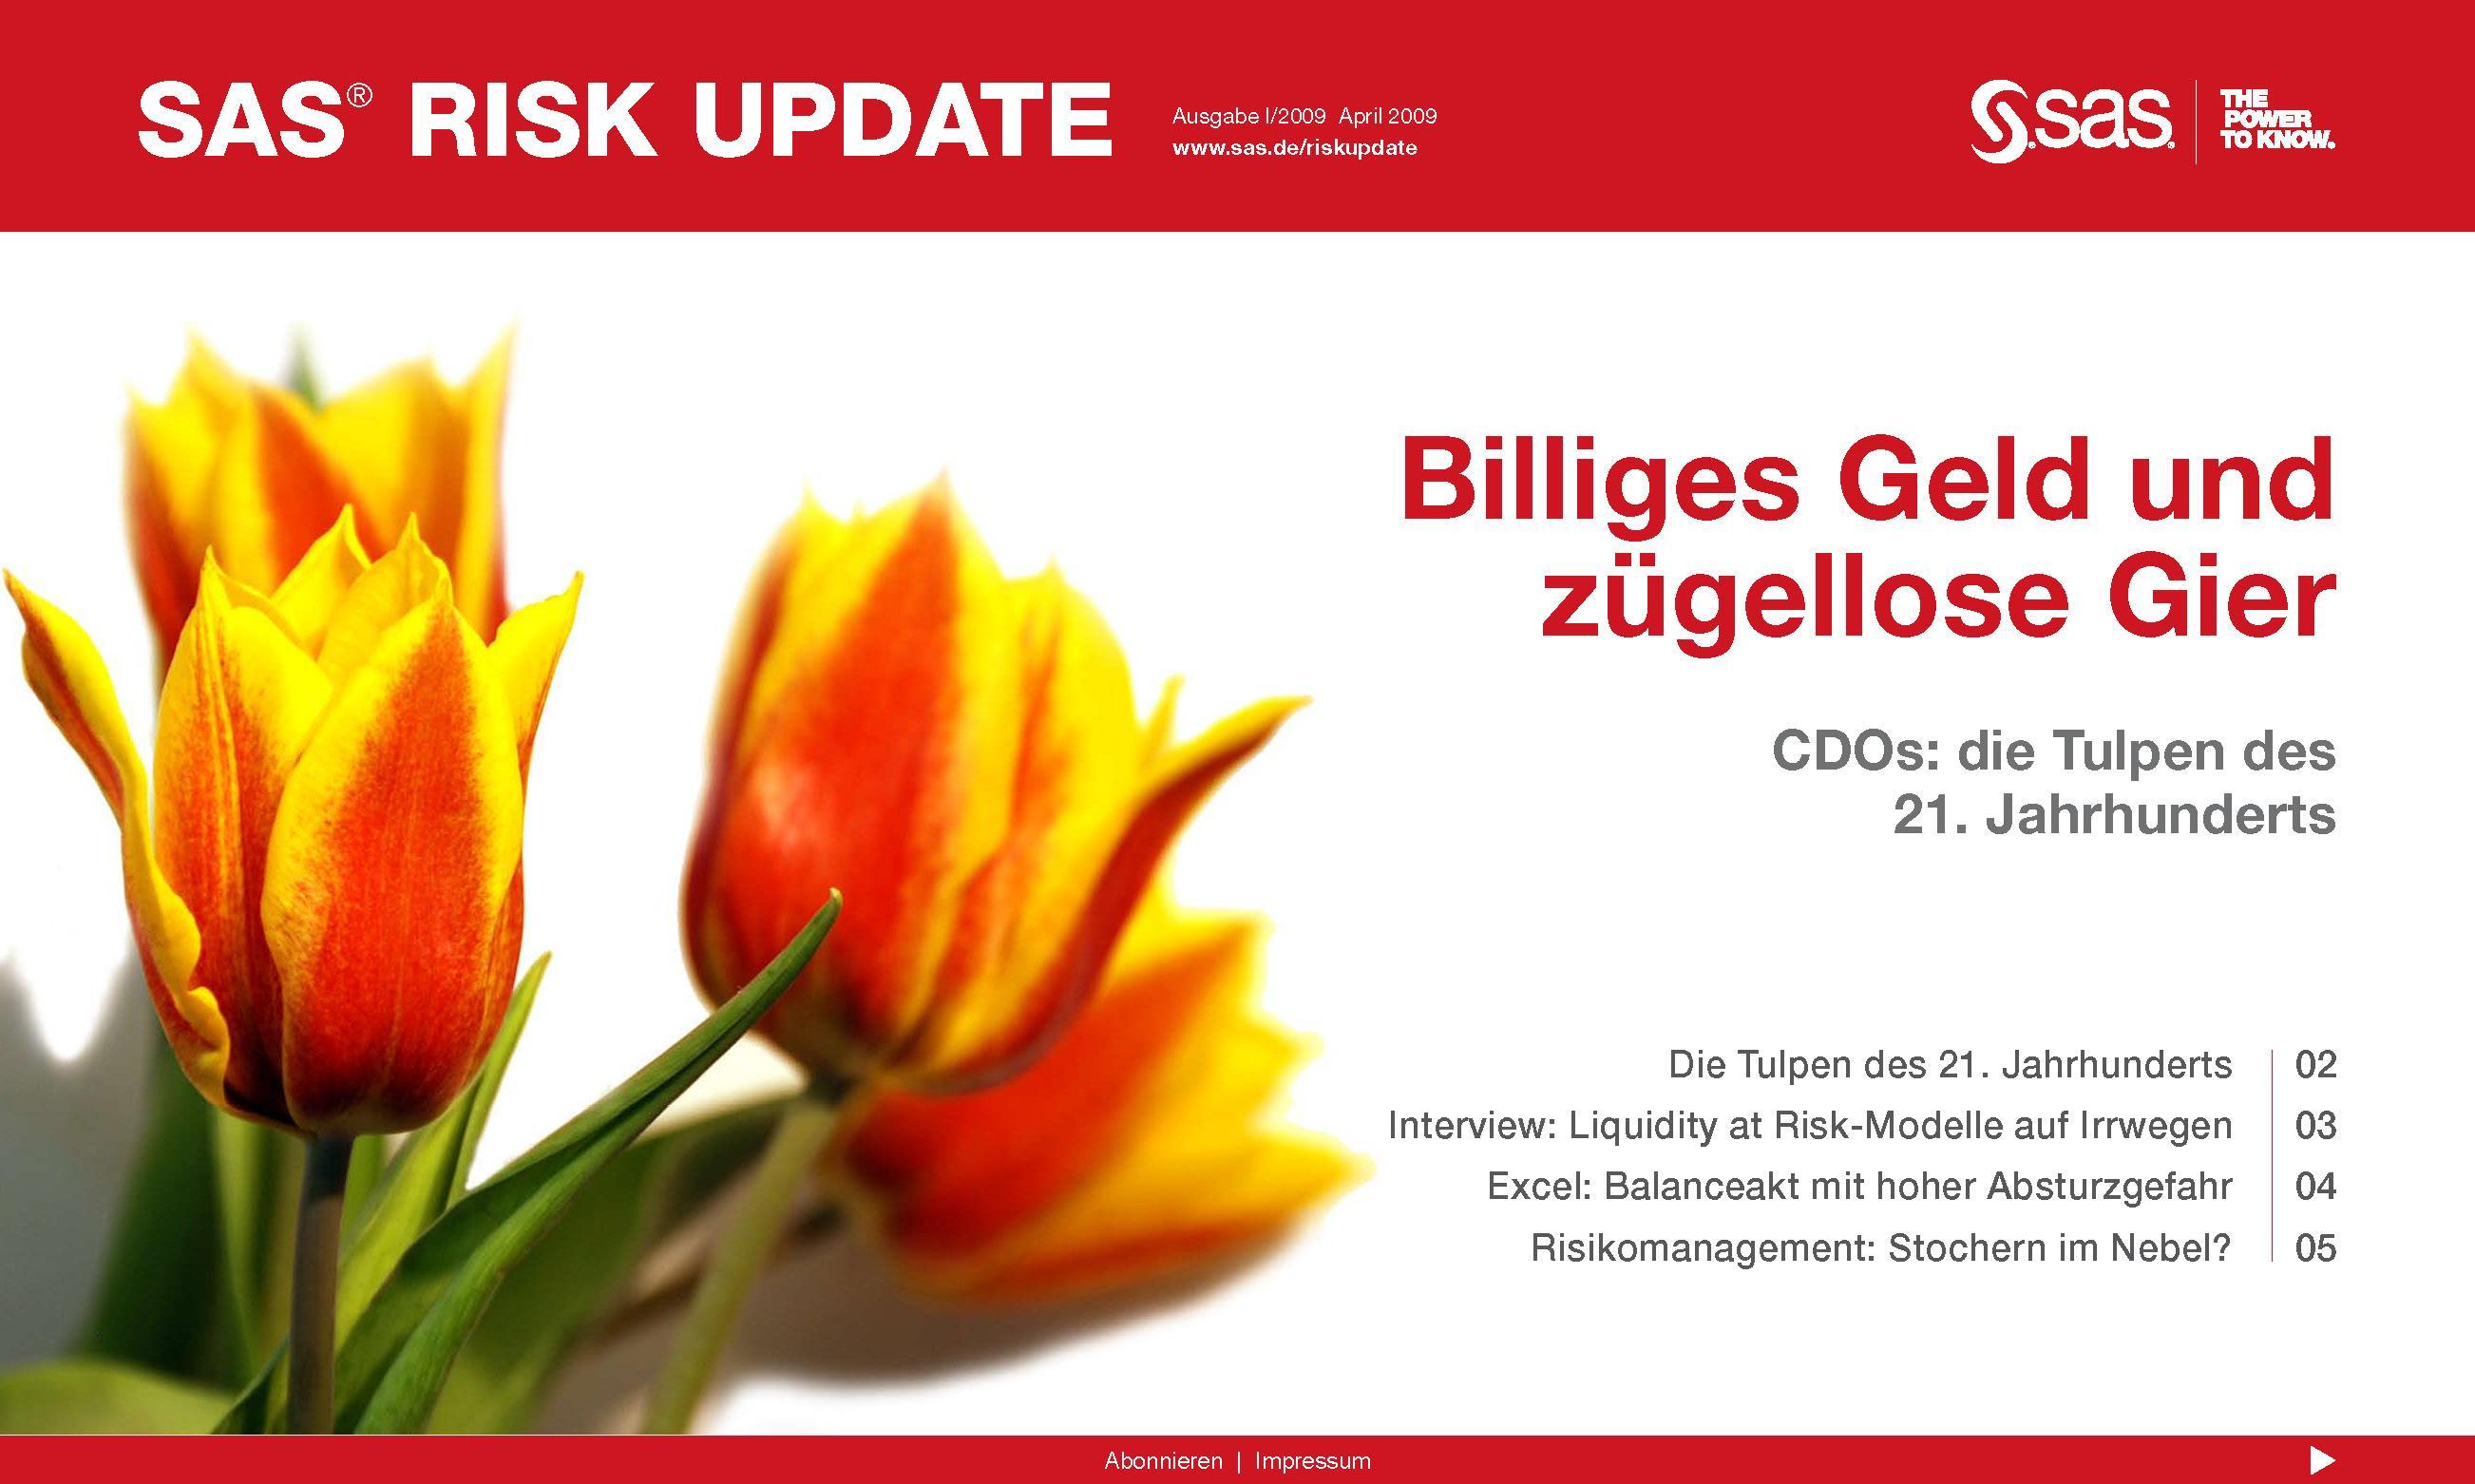 B2B Marketing Agentur erstellt im Rahmen des Konferenz-Marketing eMagazine für Risk-Gipfel